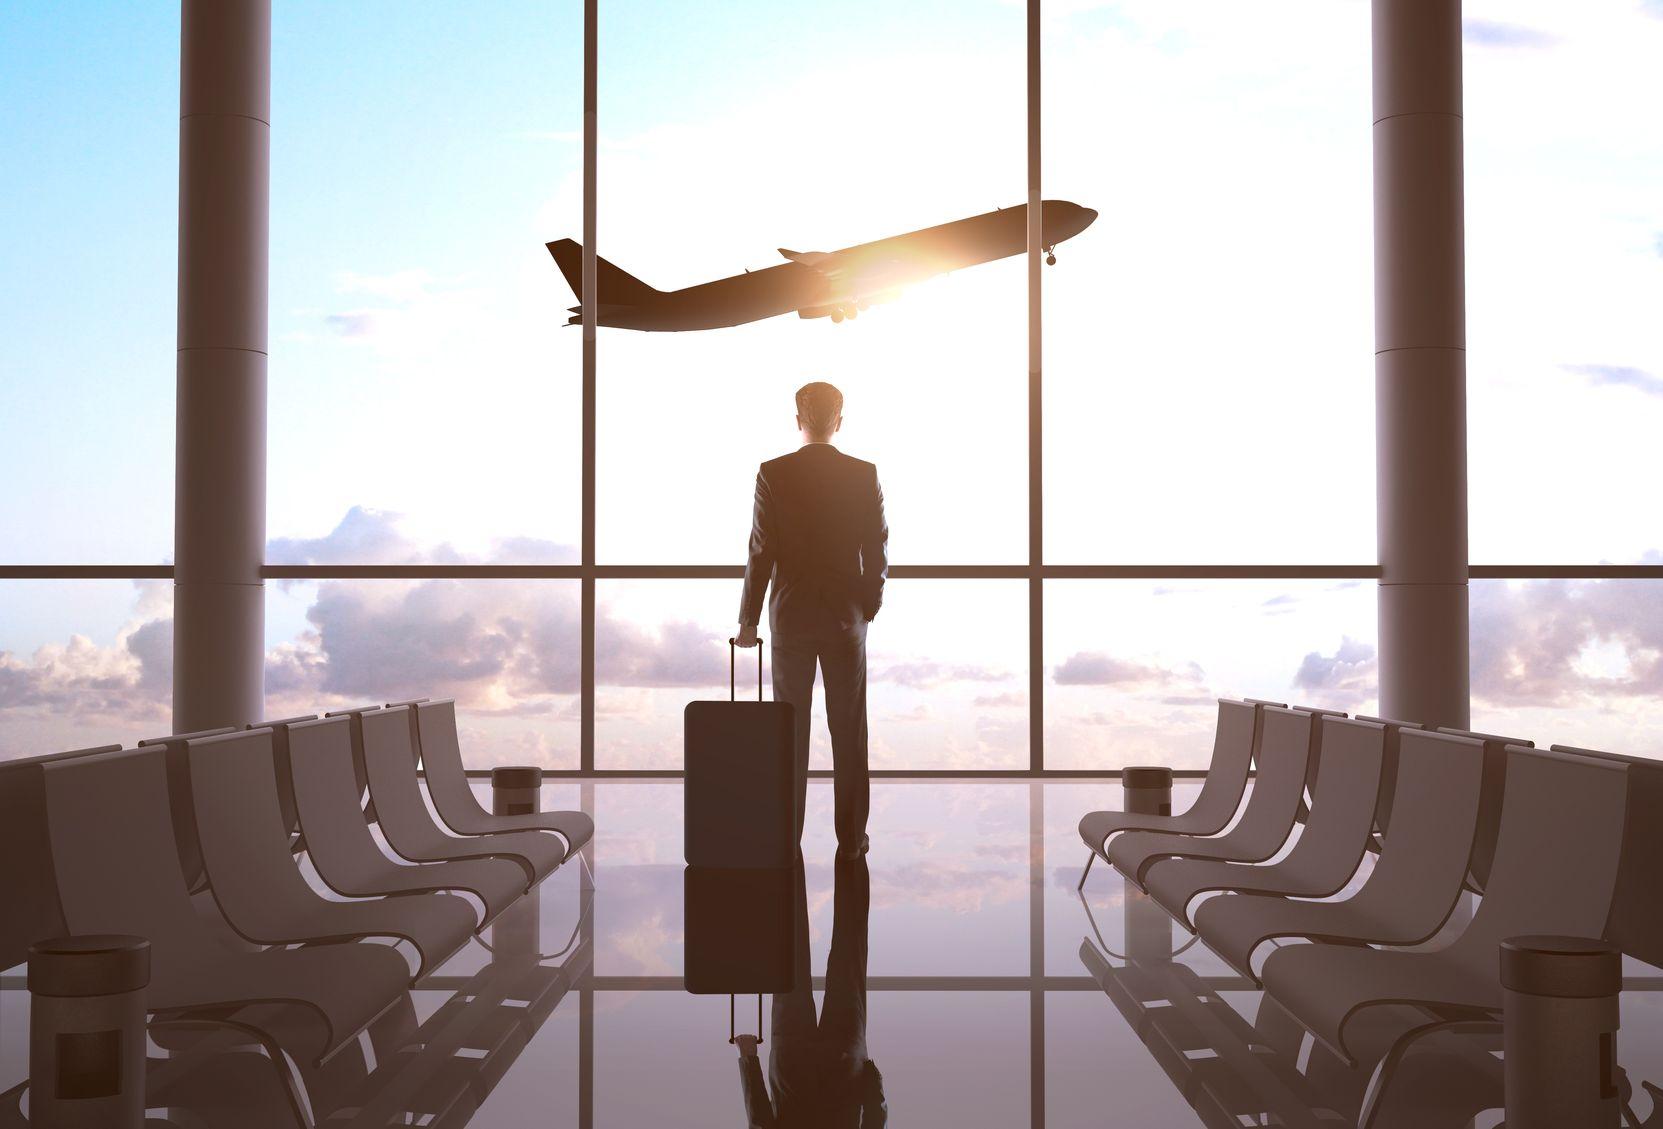 Человек смотрит на улетающий самолет